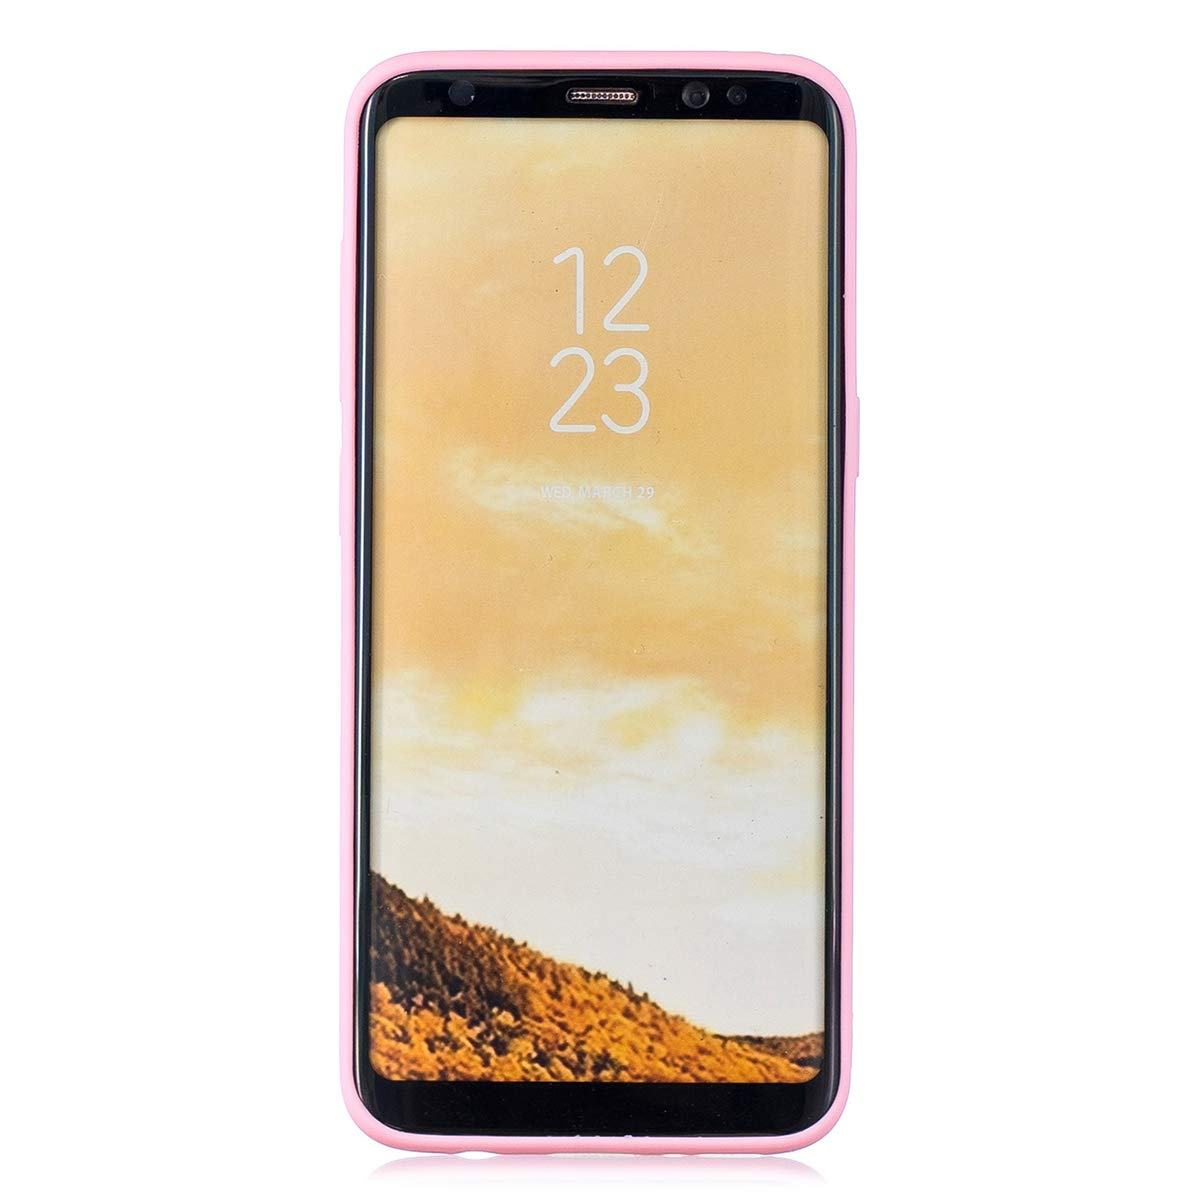 Rosa cuerda larga WOOHOO compatible con Funda Samsung S8 Silicona Cerdito